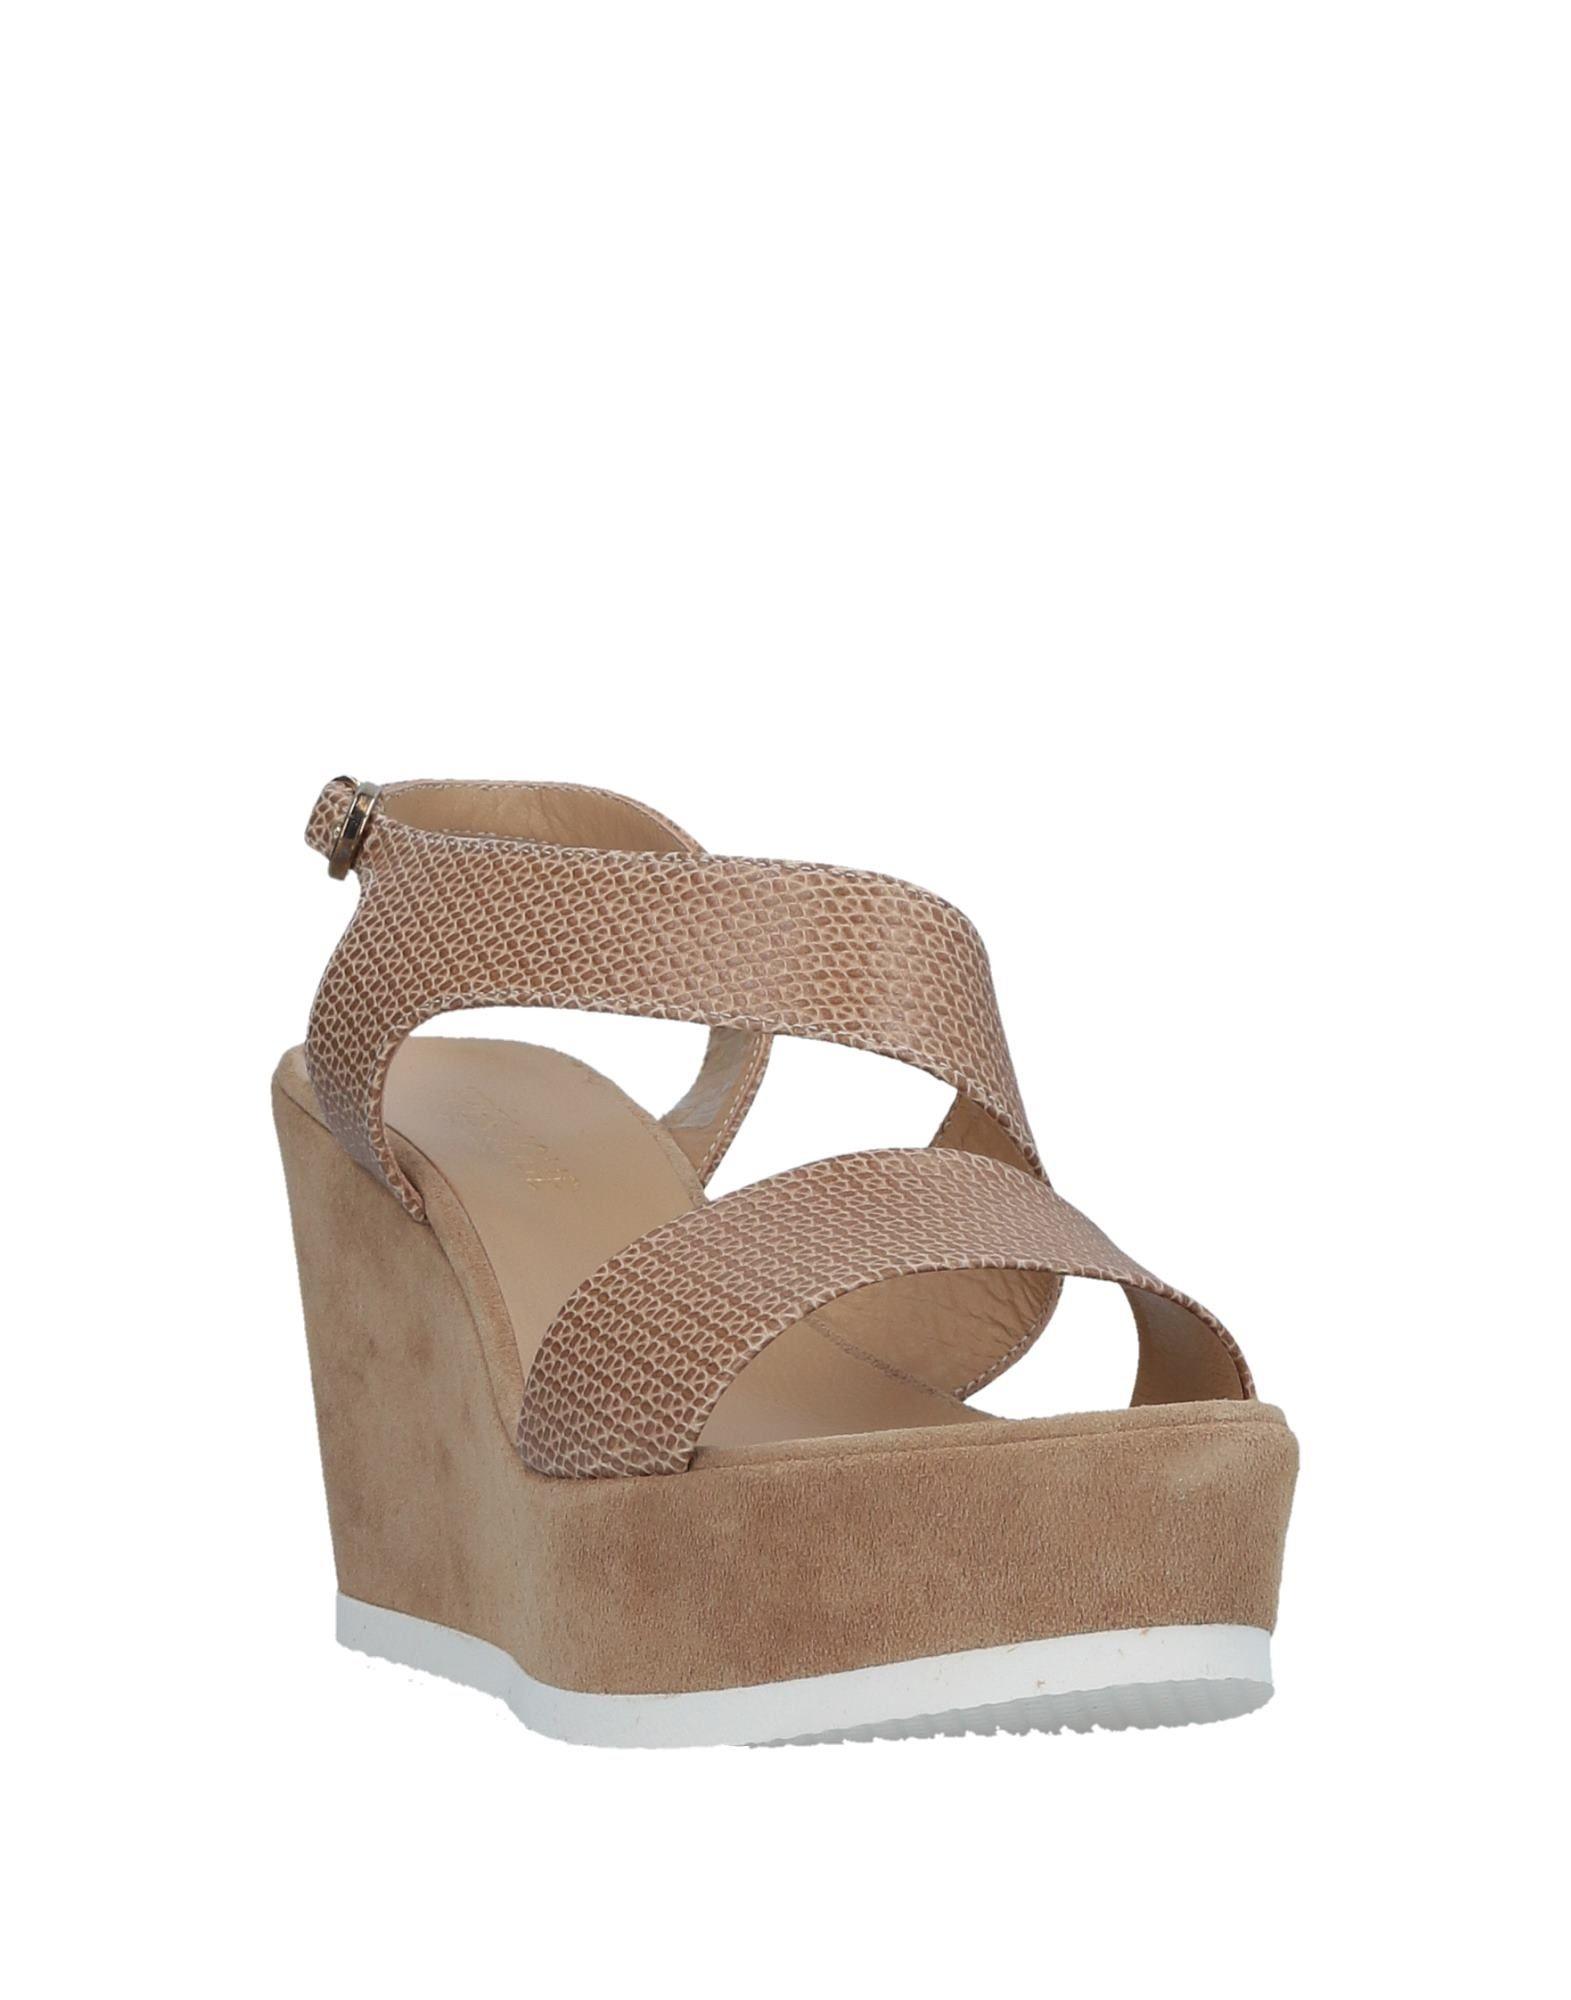 Tres Jolie Gute Sandalen Damen  11528569EI Gute Jolie Qualität beliebte Schuhe 1d8b41